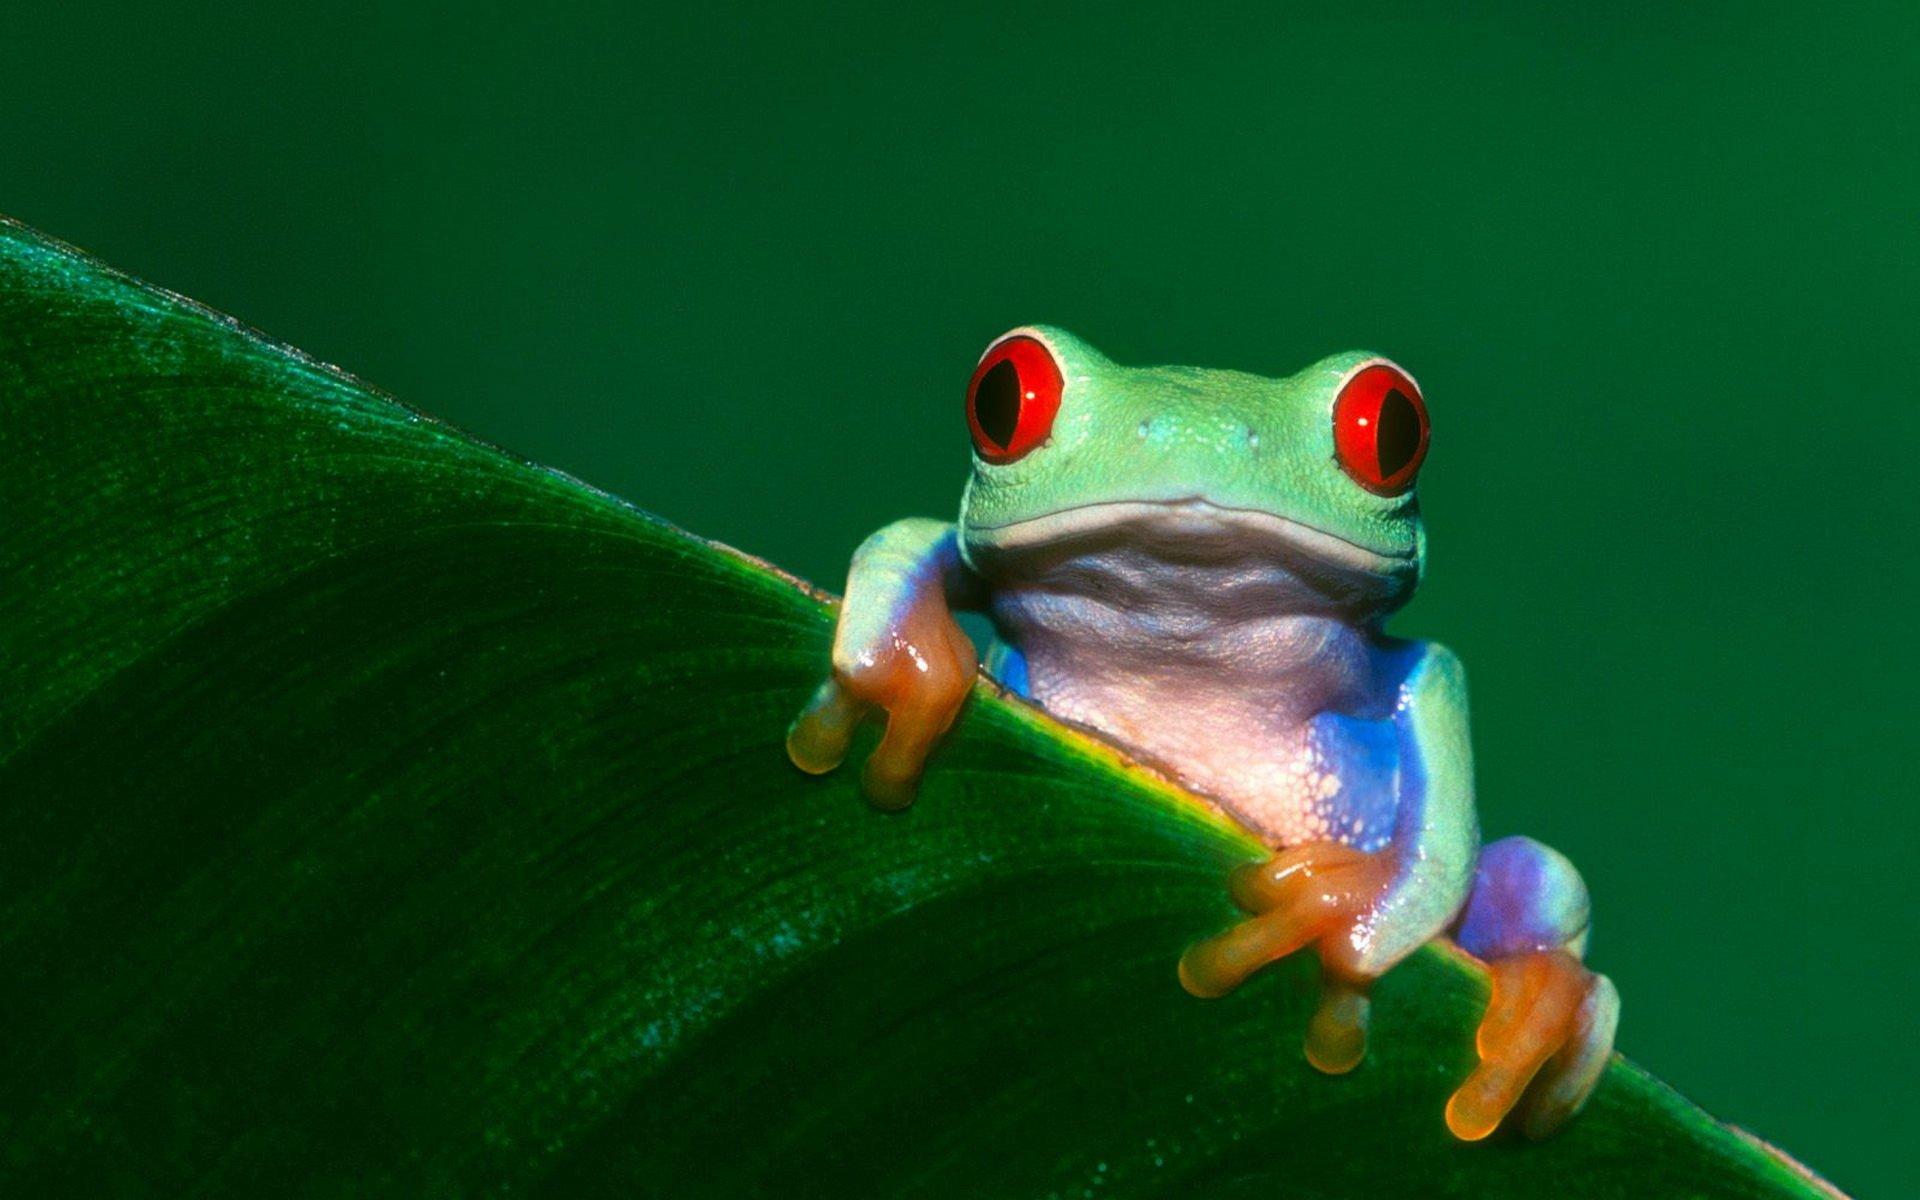 Animal - Red Eyed Tree Frog  Wallpaper